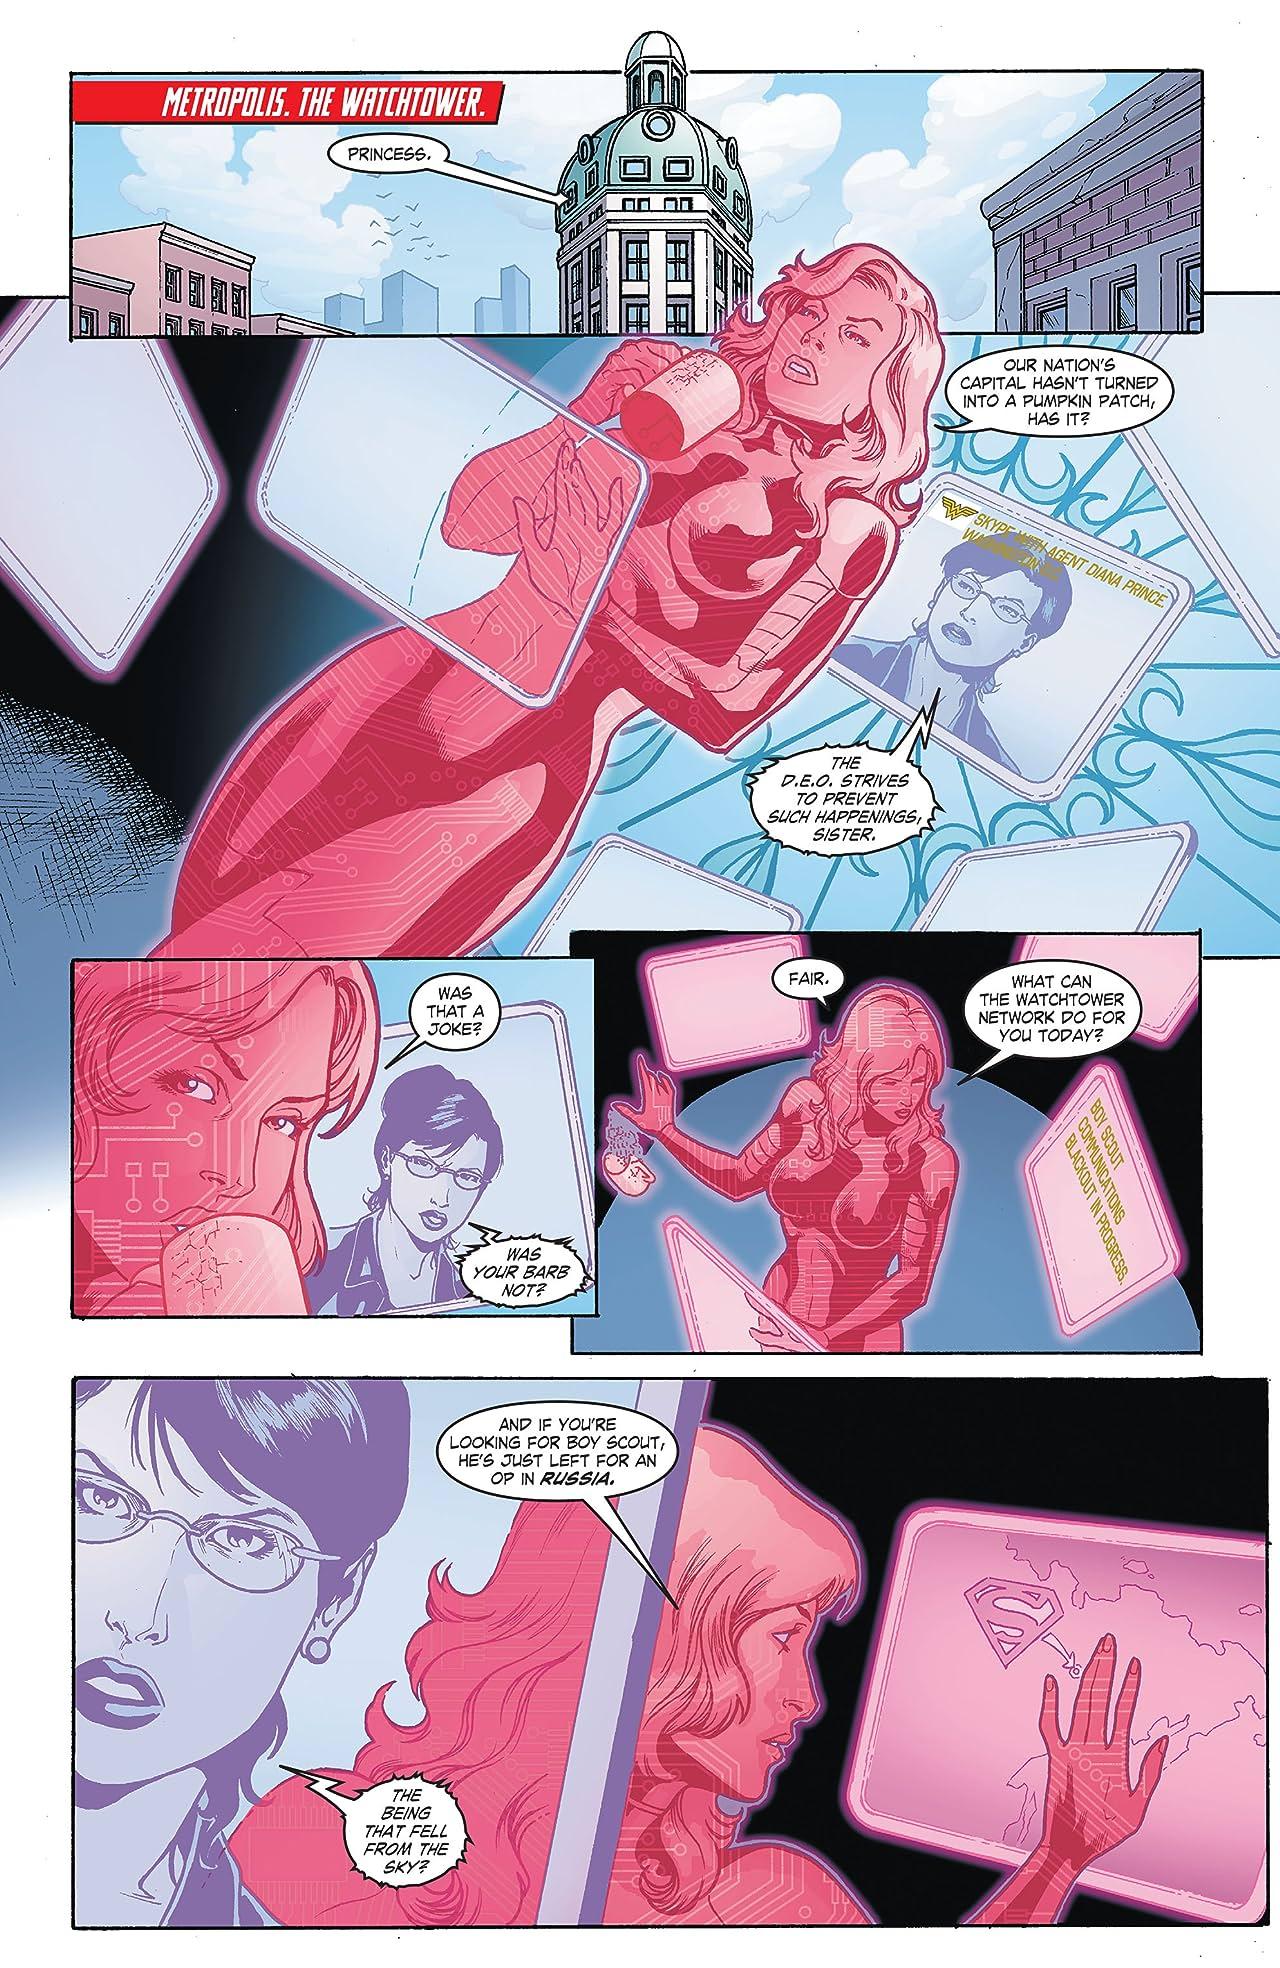 Smallville Season 11 Vol. 8: Chaos